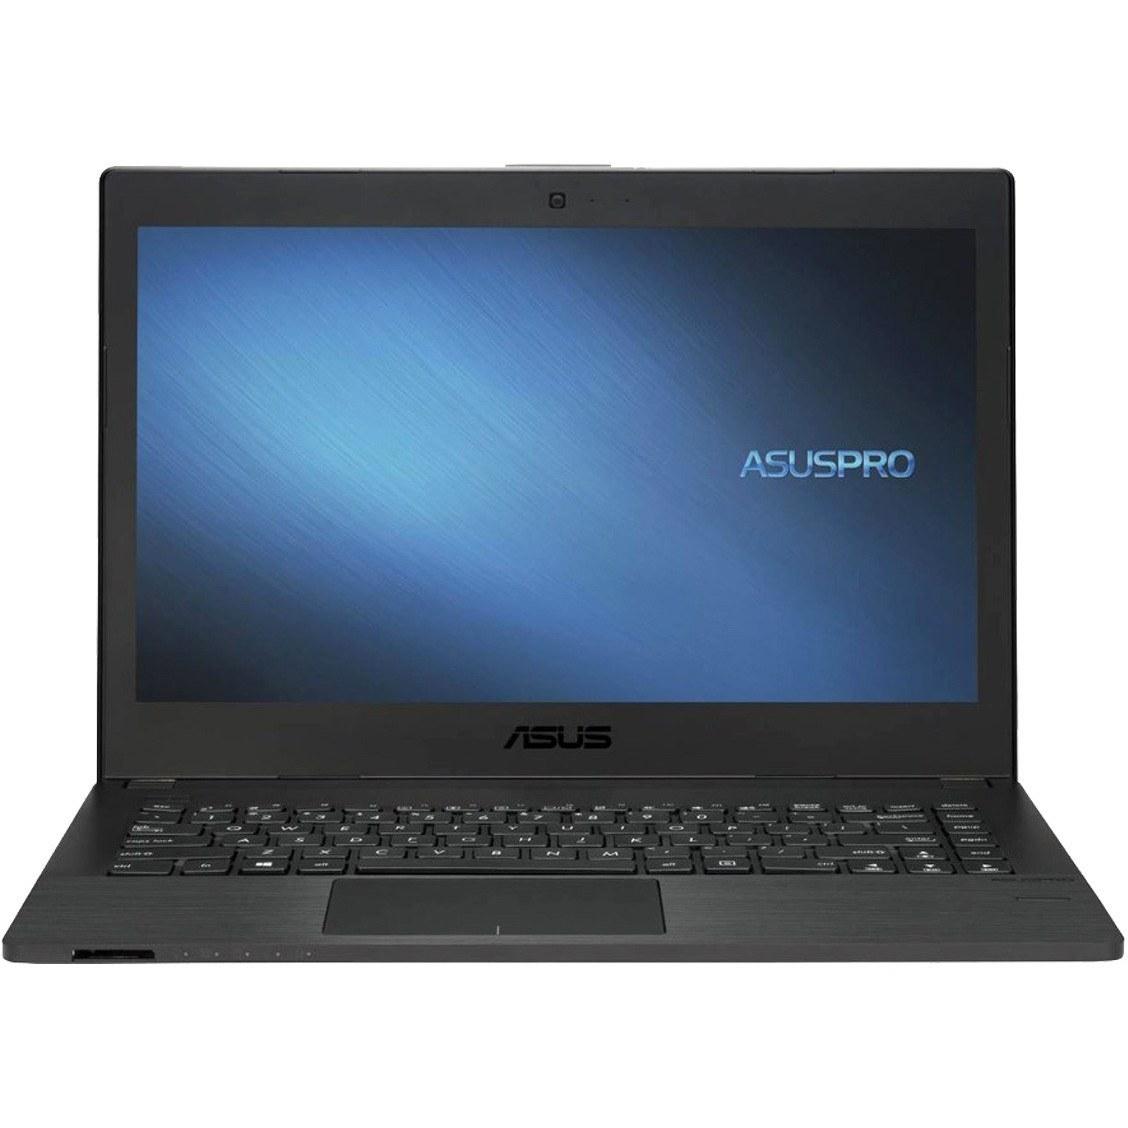 لپ تاپ ایسوس ASUS ASUSPRO P2440UQ Core i5 12GB 2TB 2GB Full HD Laptop